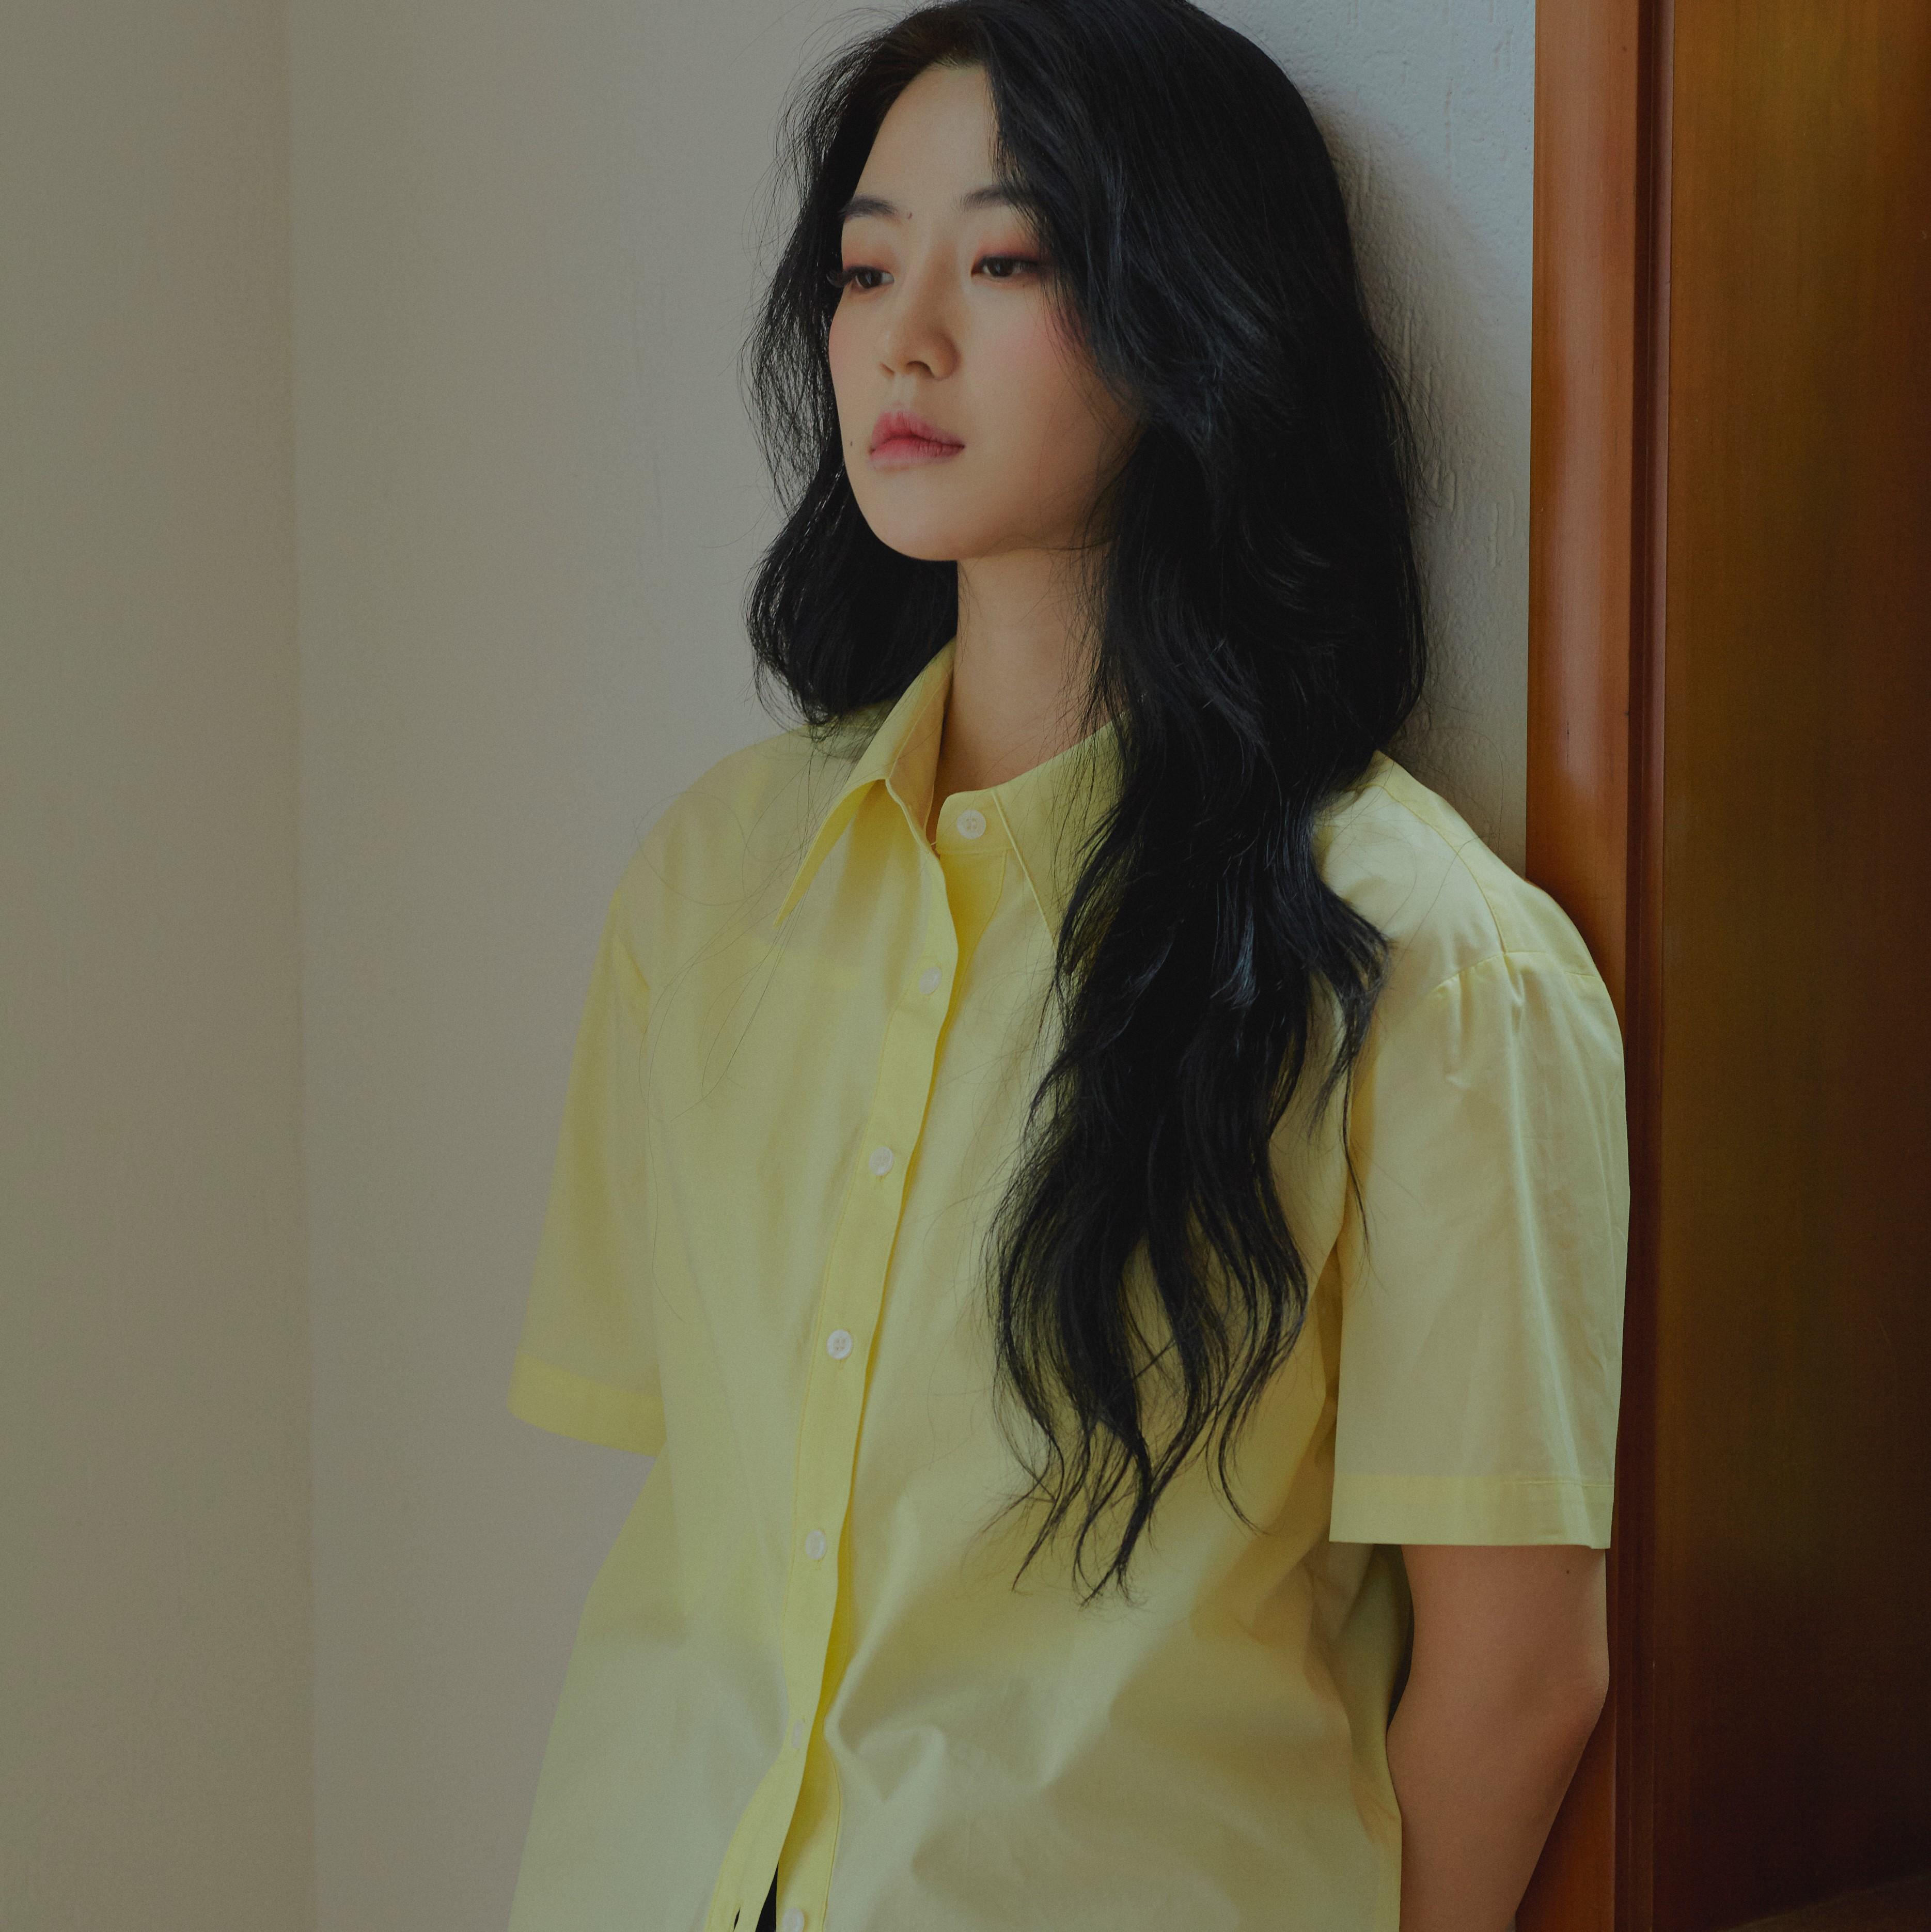 오버사이즈 코튼 셔츠 - 레몬 옐로우